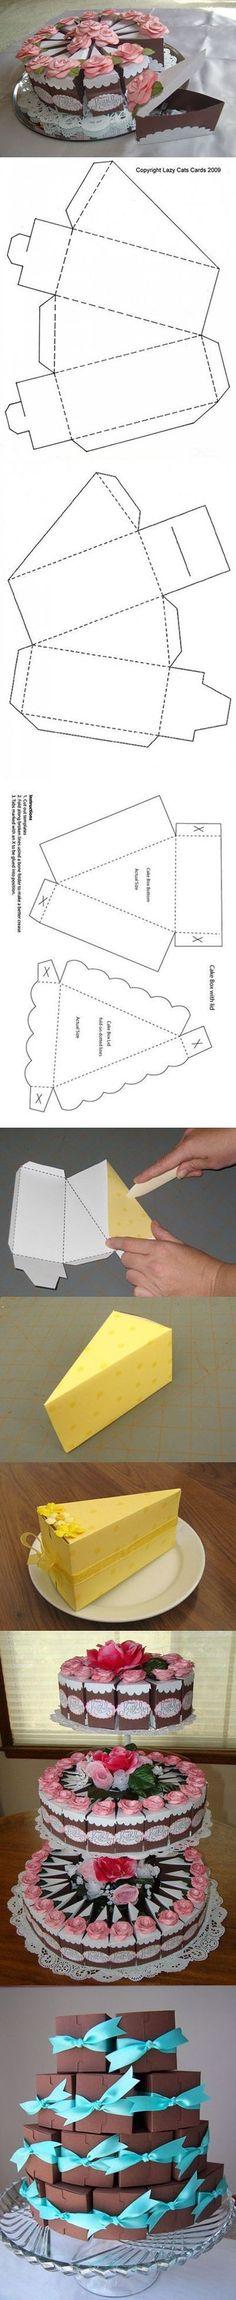 DIY Cake Gift Box | DIY